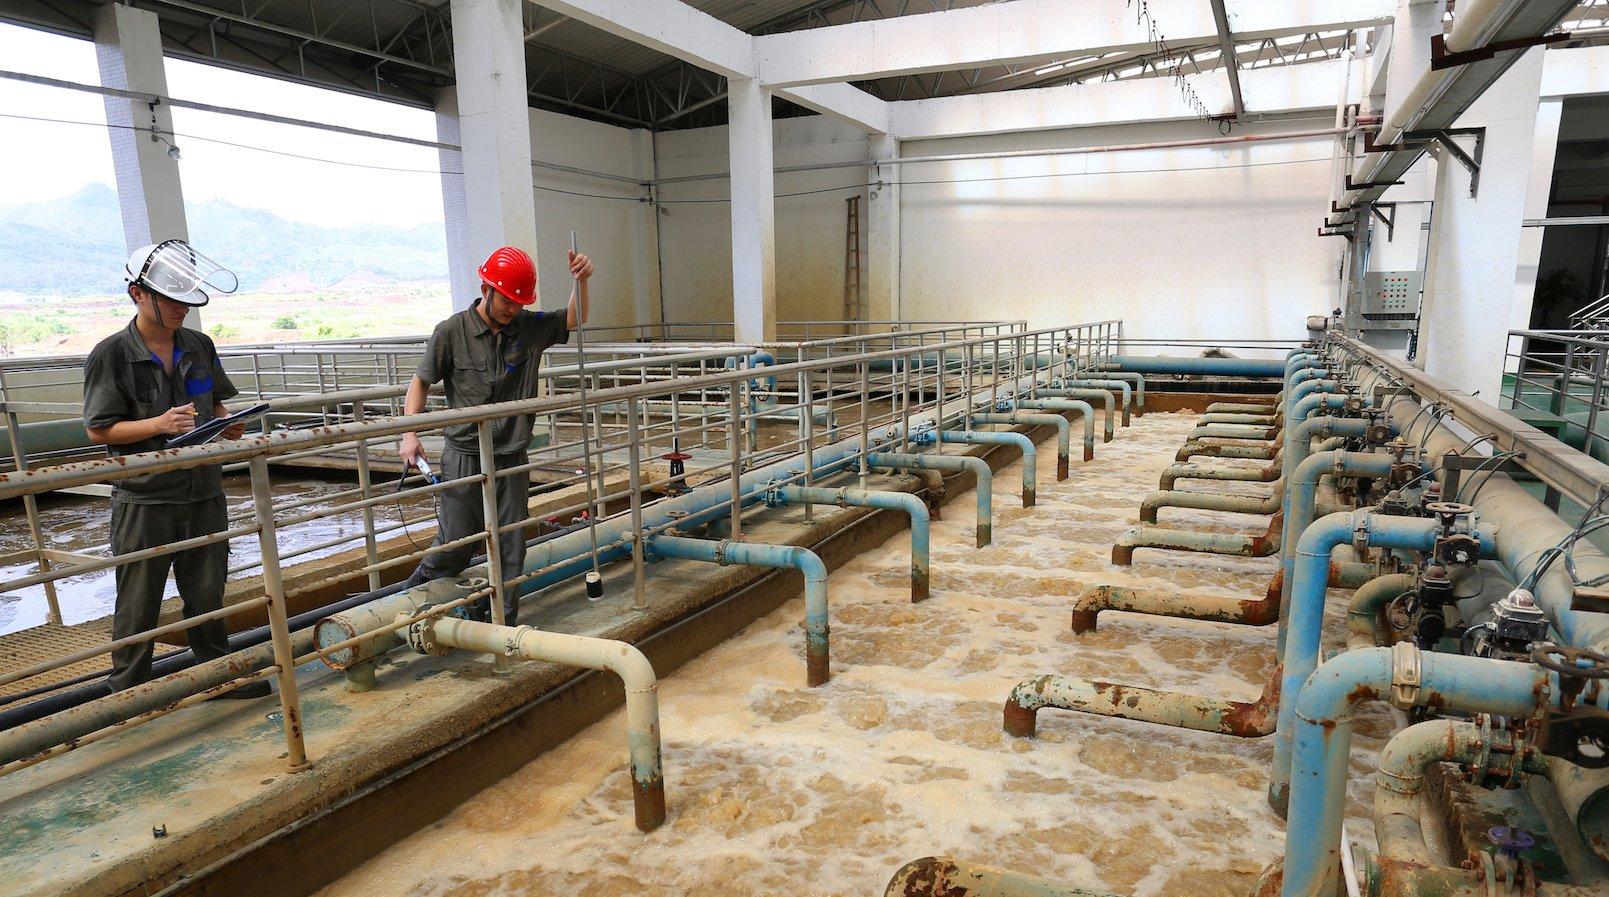 Ziel ist es, die galvanischen Abwässer so zu reinigen, dass sie keine Belastung für die Umwelt darstellen.